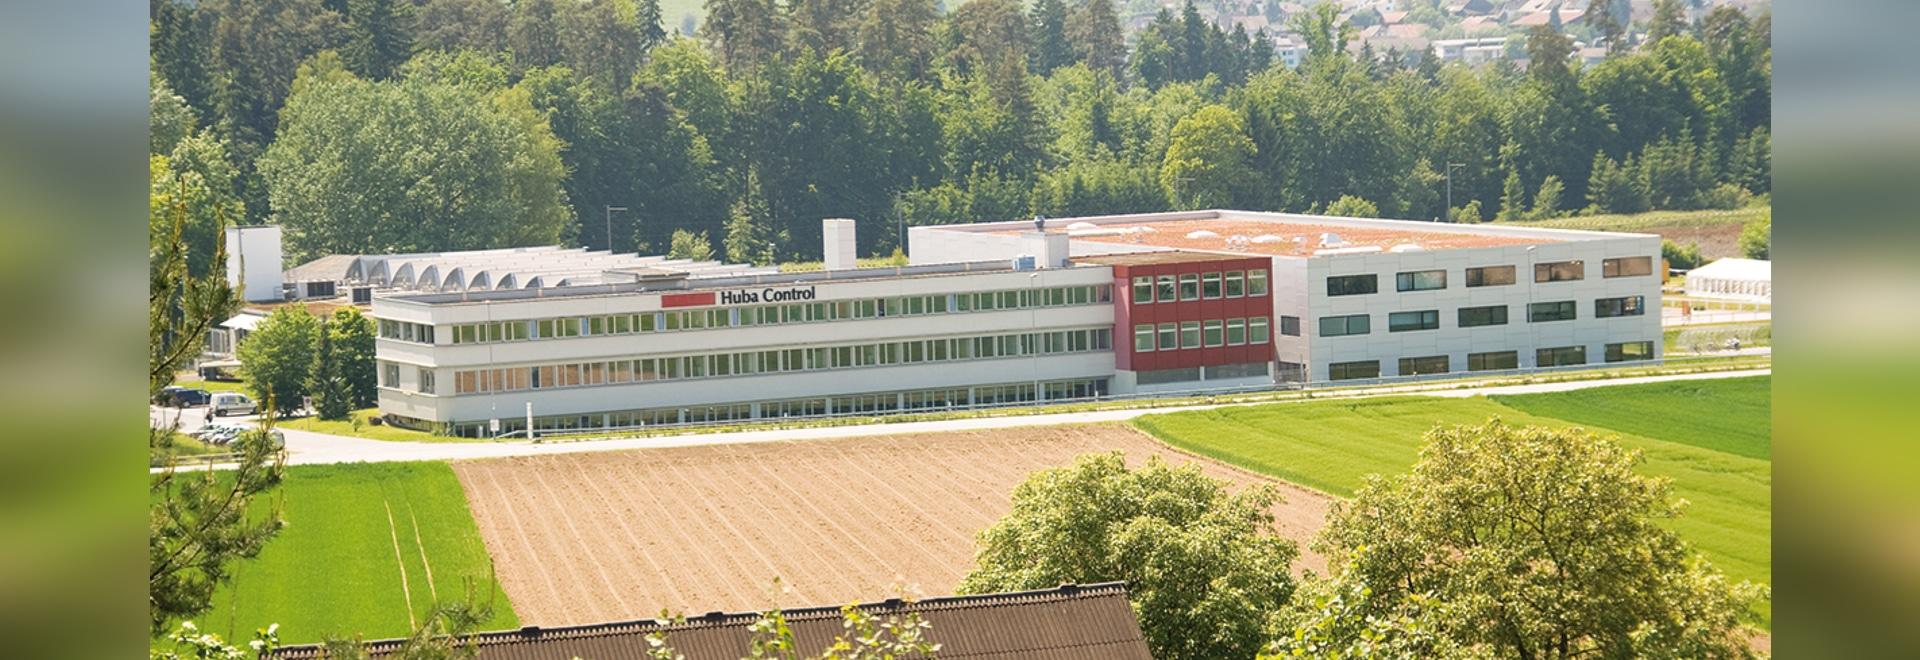 75 Jahre Huba Control AG